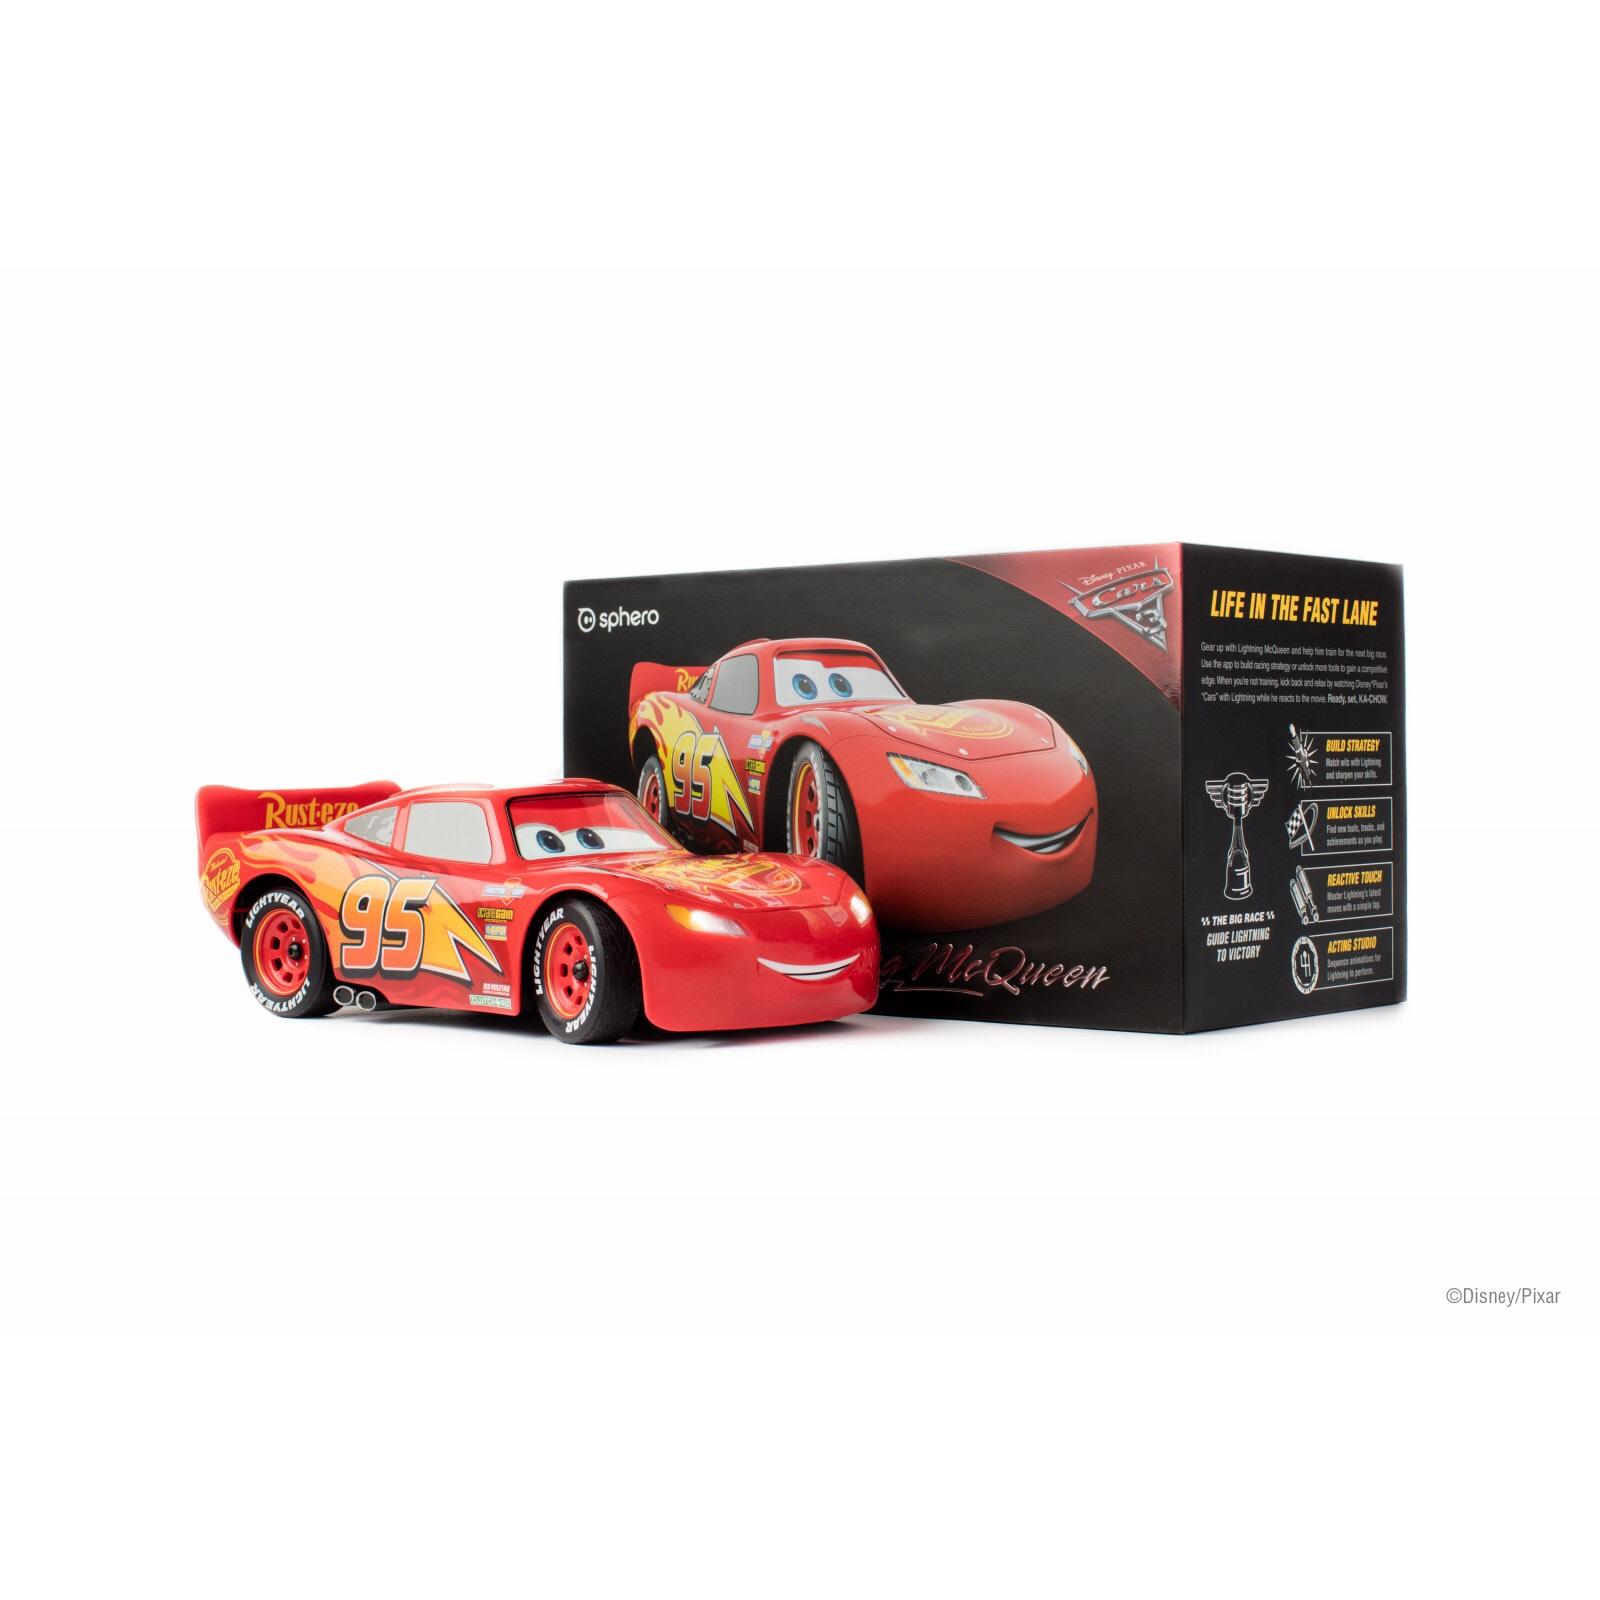 Sphero Ultimate Lightning McQueen @ Costco: £59.89